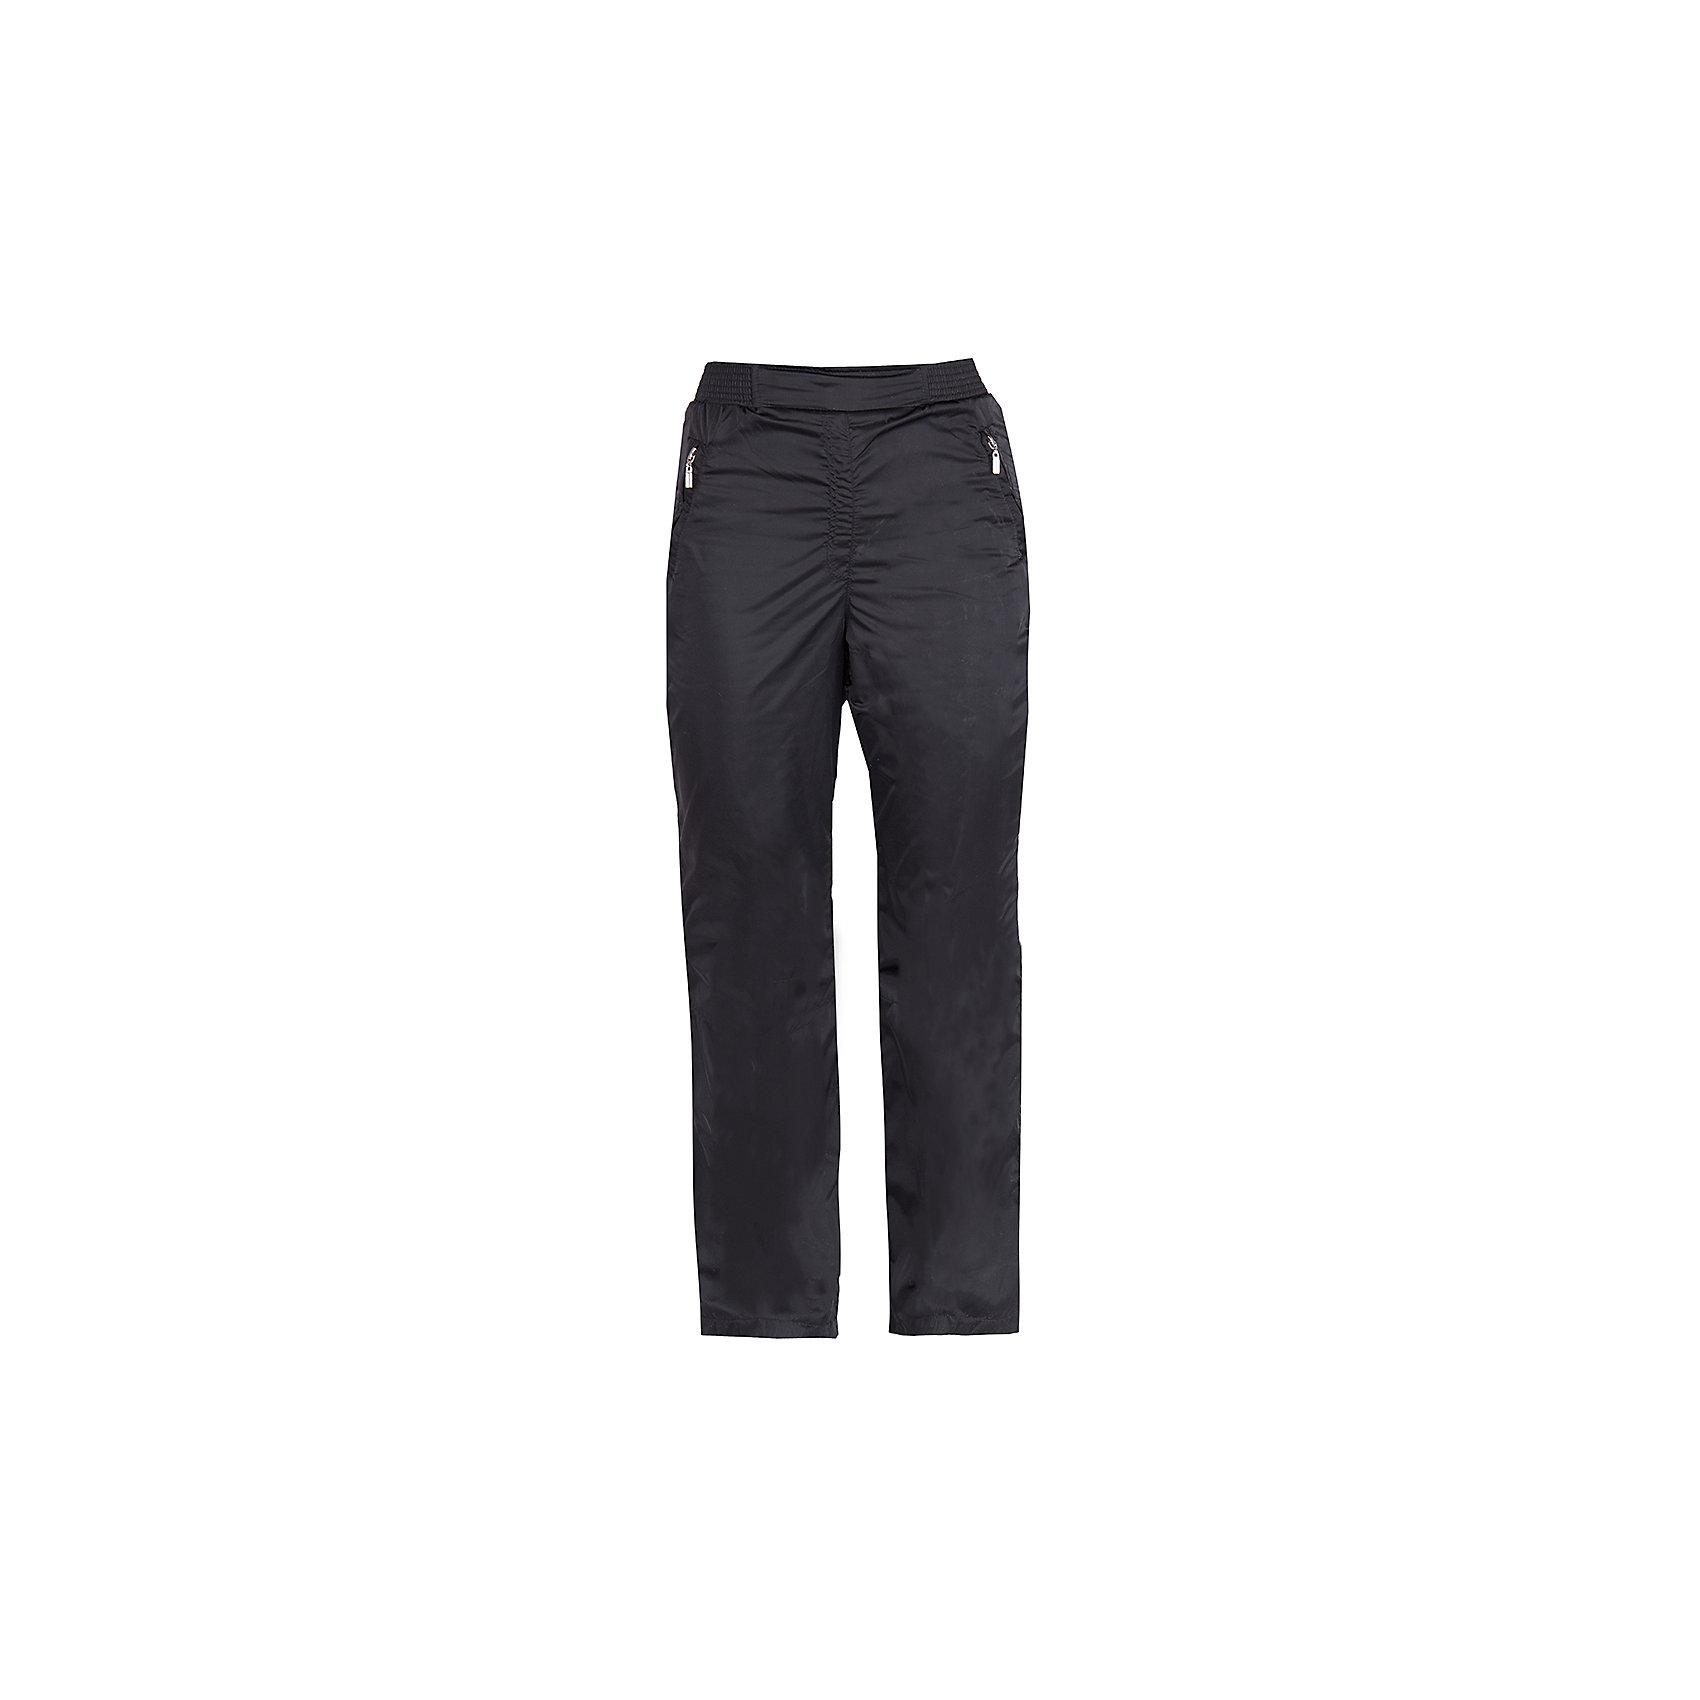 Брюки для мальчика АртельБрюки для мальчика от торговой марки Артель &#13;<br>&#13;<br>Прочные брюки универсального черного цвета отлично сидят. Изделие выполнено из качественных материалов, имеет удобные карманы. Отличный вариант для переменной погоды межсезонья!&#13;<br>Одежда от бренда Артель – это высокое качество по приемлемой цене и всегда продуманный дизайн. &#13;<br>&#13;<br>Особенности модели: &#13;<br>- цвет - черный;&#13;<br>- пояс на резинке;&#13;<br>- наличие карманов;&#13;<br>- флисовая подкладка;&#13;<br>- ткань быстро сохнет.&#13;<br>&#13;<br>Дополнительная информация:&#13;<br>&#13;<br>Состав: &#13;<br>- верх: таслан;&#13;<br>- подкладка: флис.&#13;<br>&#13;<br>Температурный режим: &#13;<br>от - 10 °C до + 10 °C&#13;<br>&#13;<br>Брюки для мальчика Артель (Artel) можно купить в нашем магазине.<br><br>Ширина мм: 215<br>Глубина мм: 88<br>Высота мм: 191<br>Вес г: 336<br>Цвет: черный<br>Возраст от месяцев: 120<br>Возраст до месяцев: 132<br>Пол: Мужской<br>Возраст: Детский<br>Размер: 146,140,152,134,128<br>SKU: 4496132